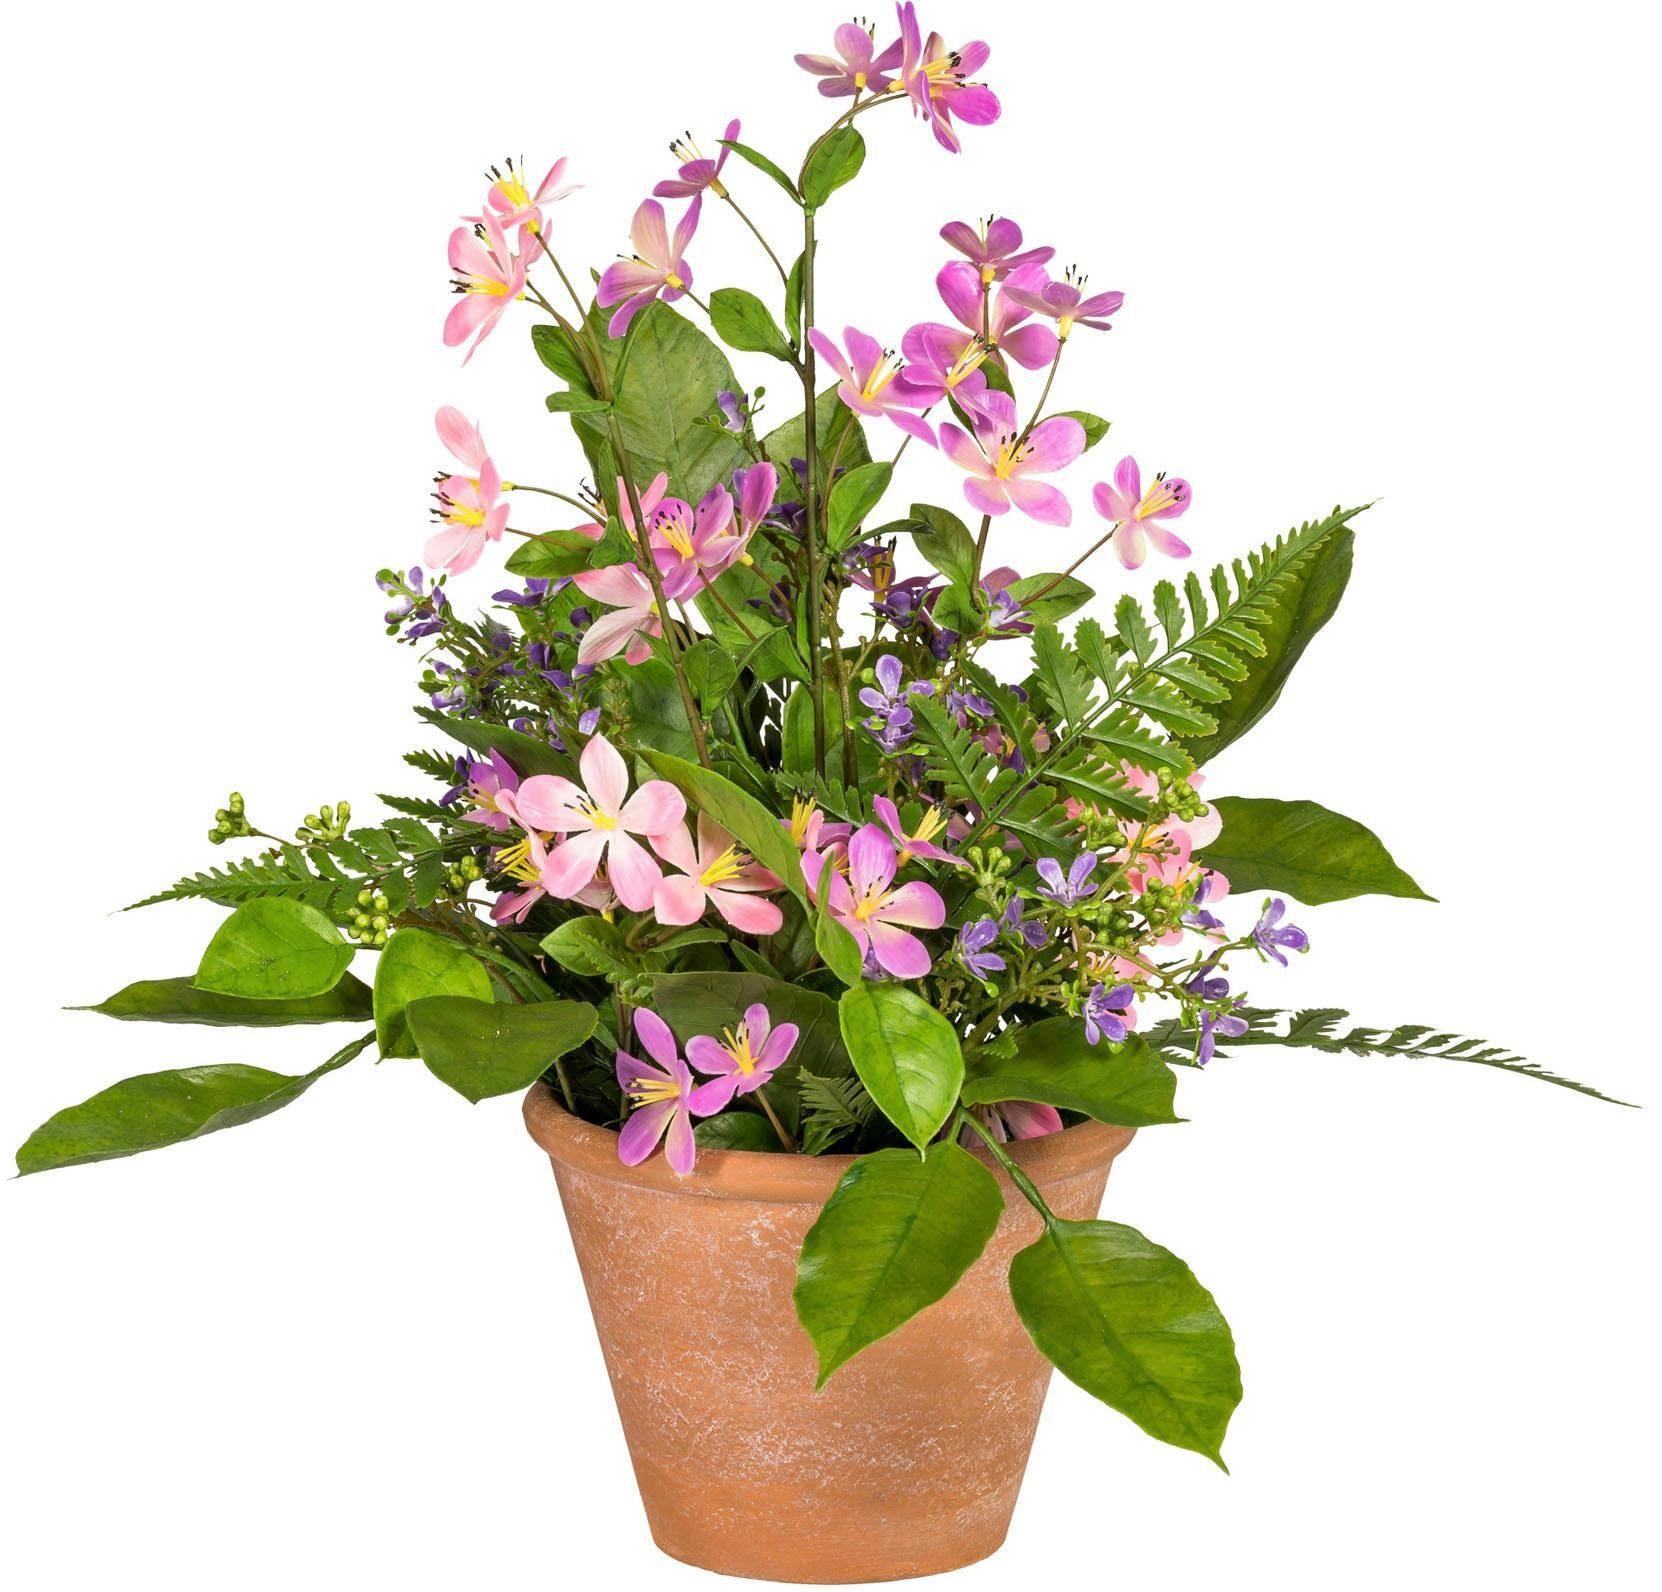 Künstliche Zimmerpflanze »Wiesenblumenarrangement«, ca. 37 cm